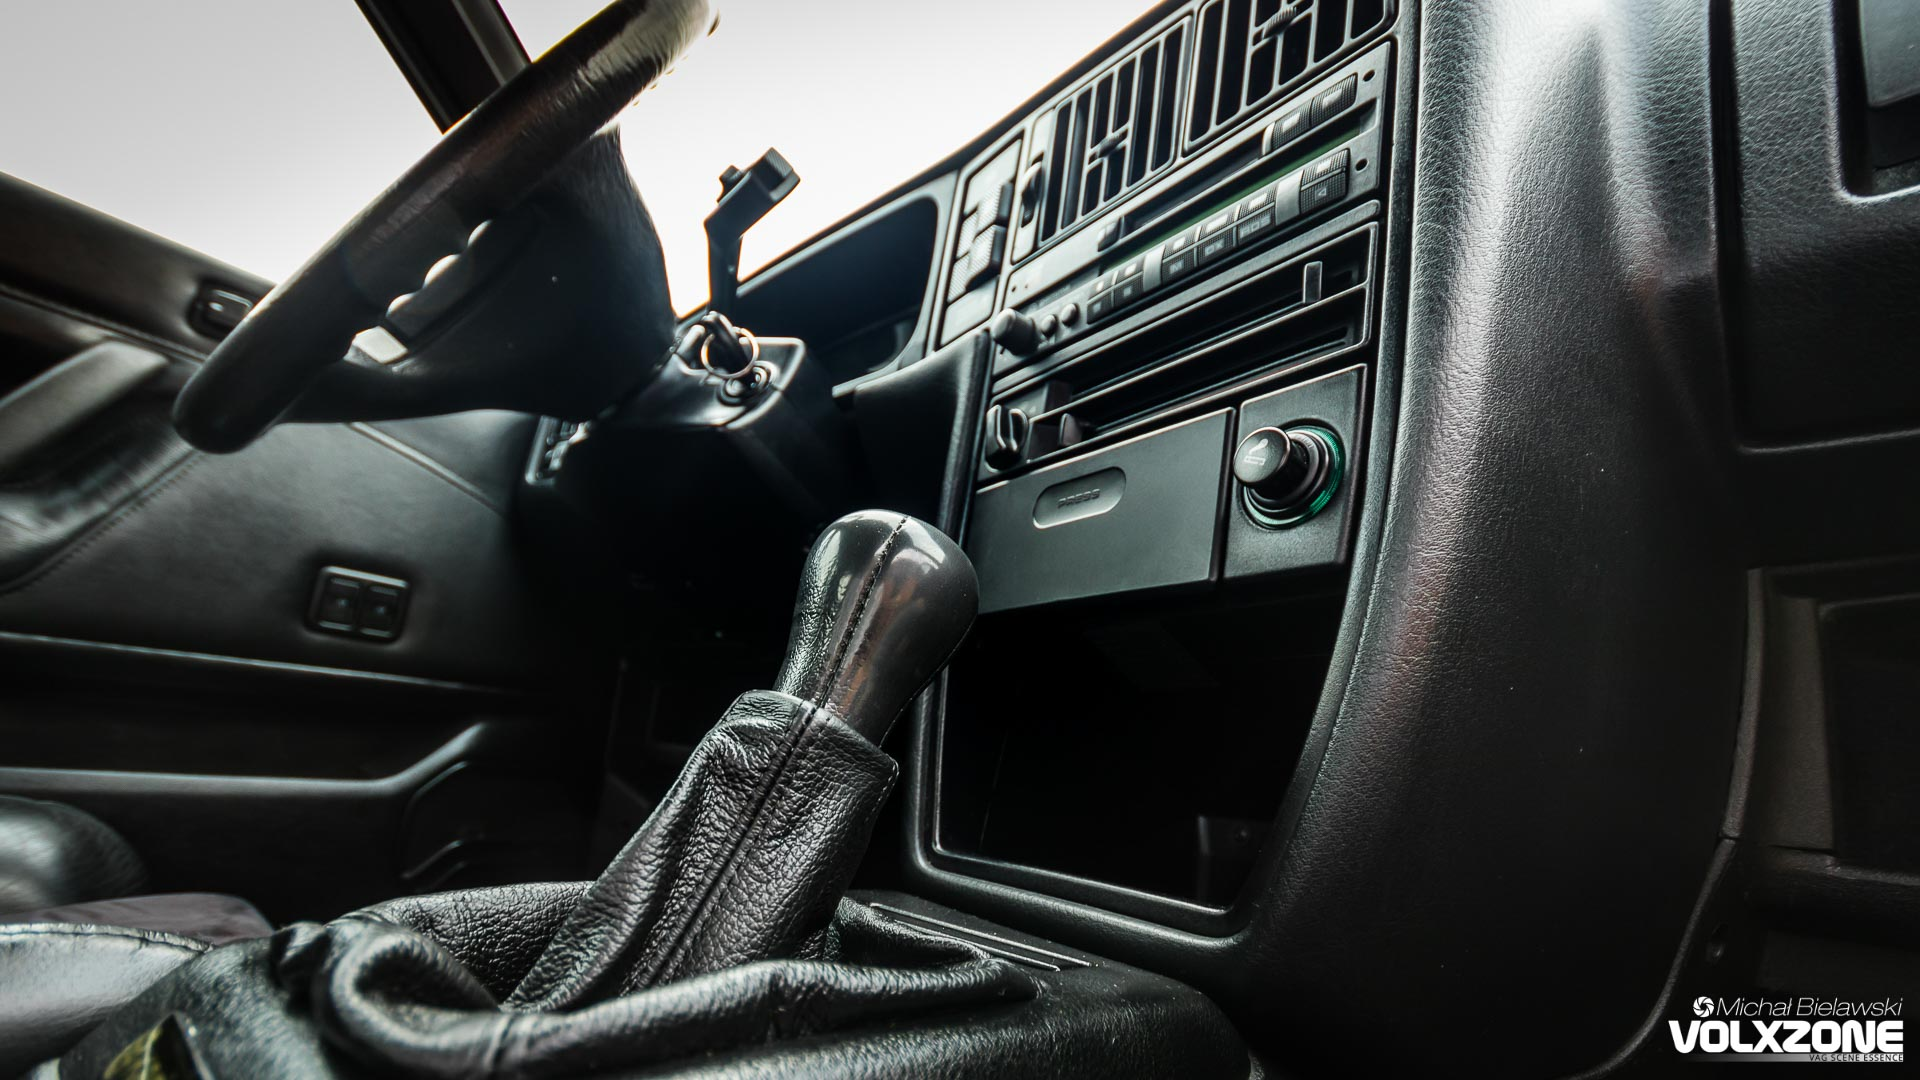 VW Corrado G60 BBS E50